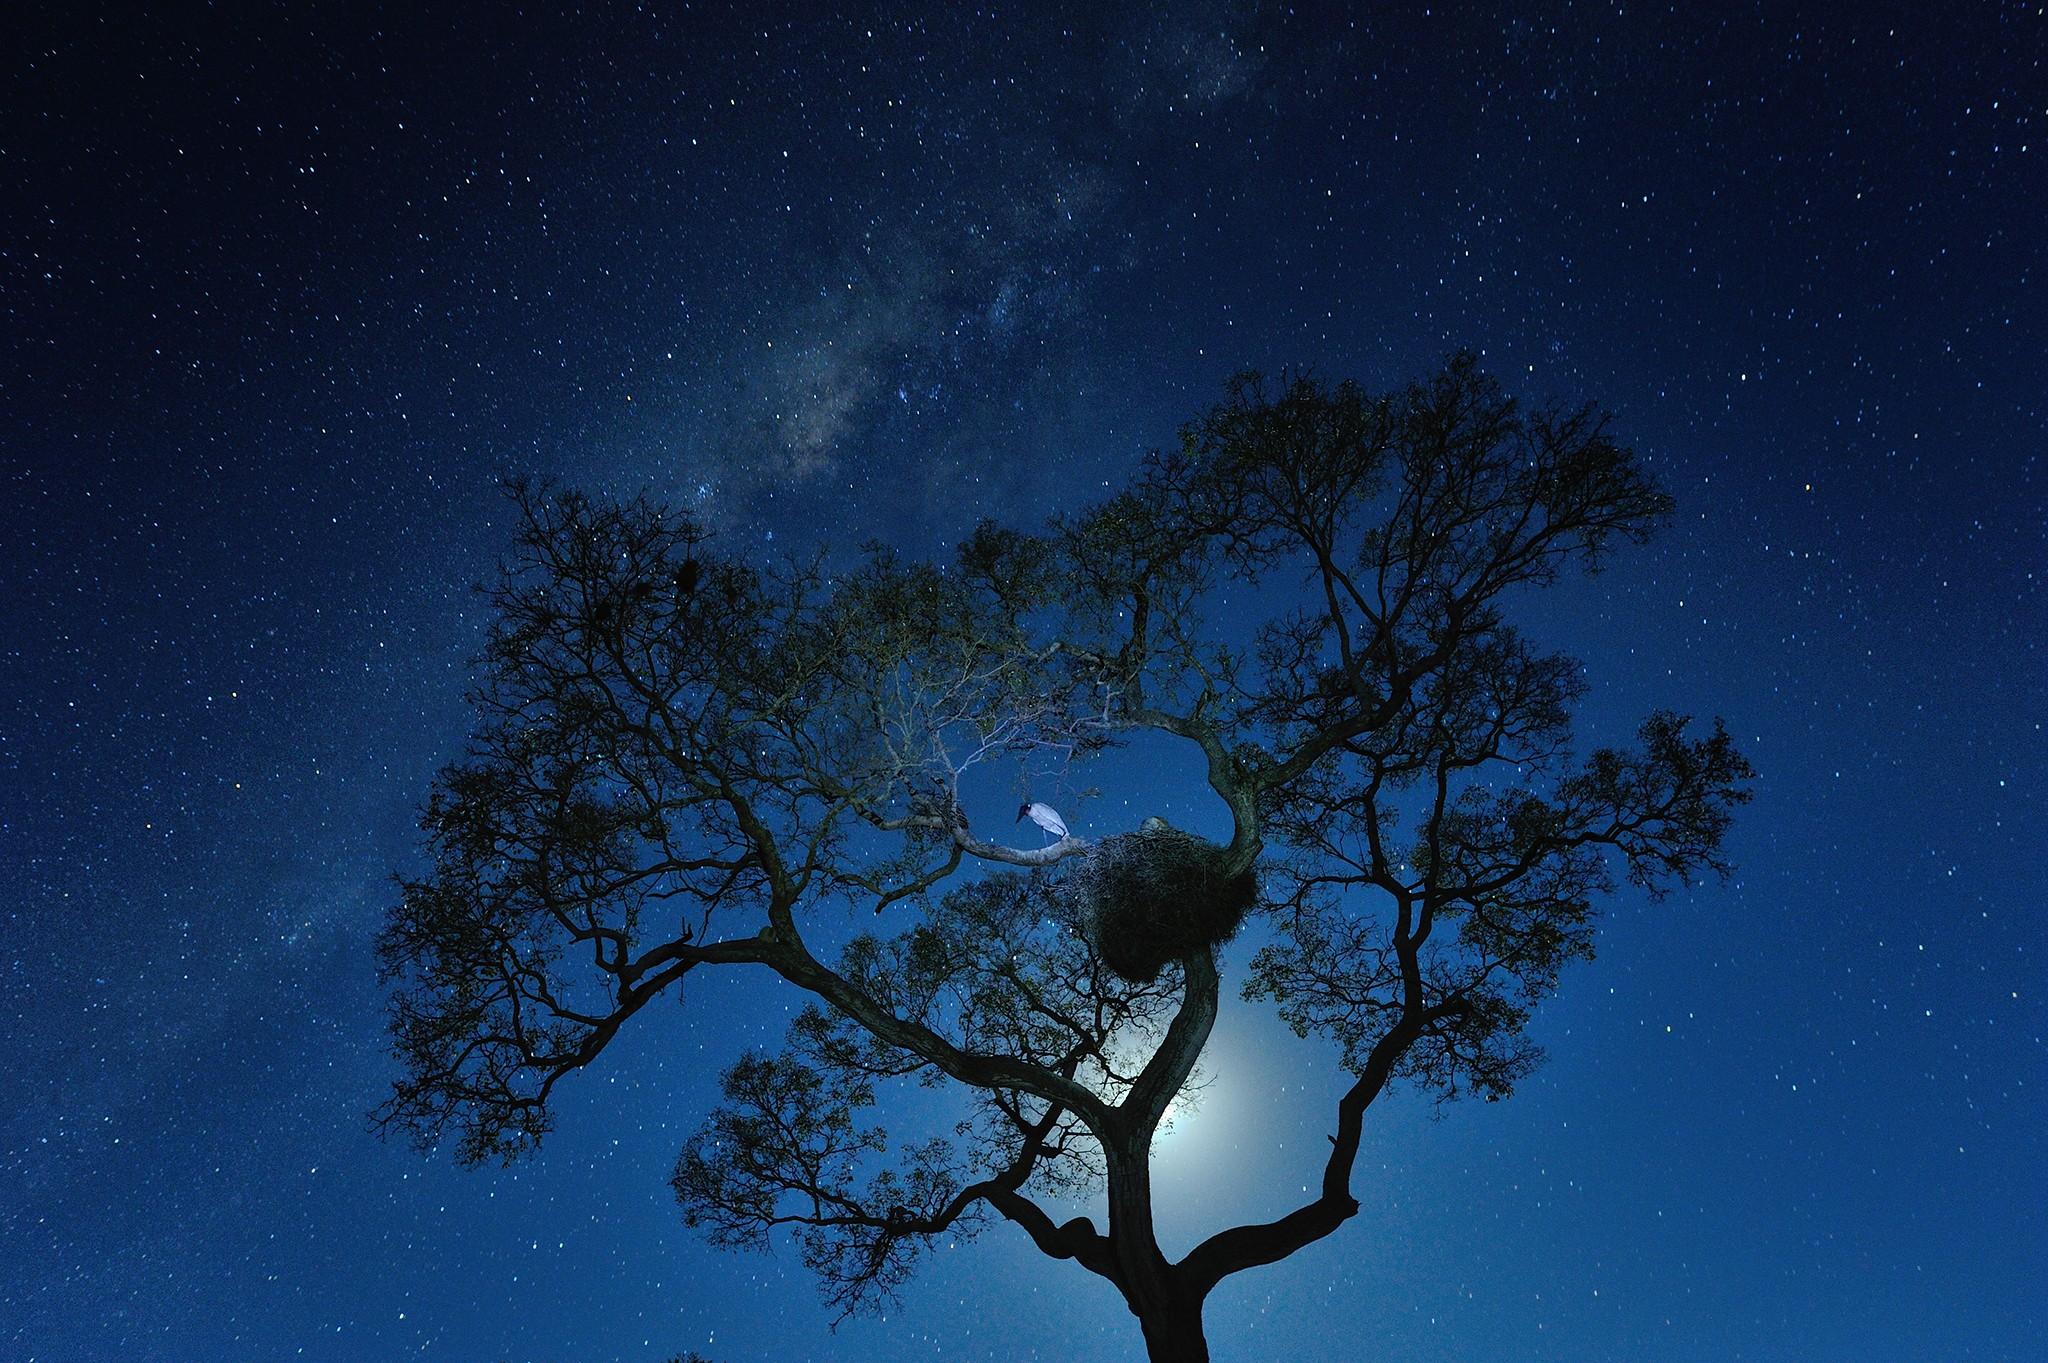 идея картинки ночное небо и деревья забываем